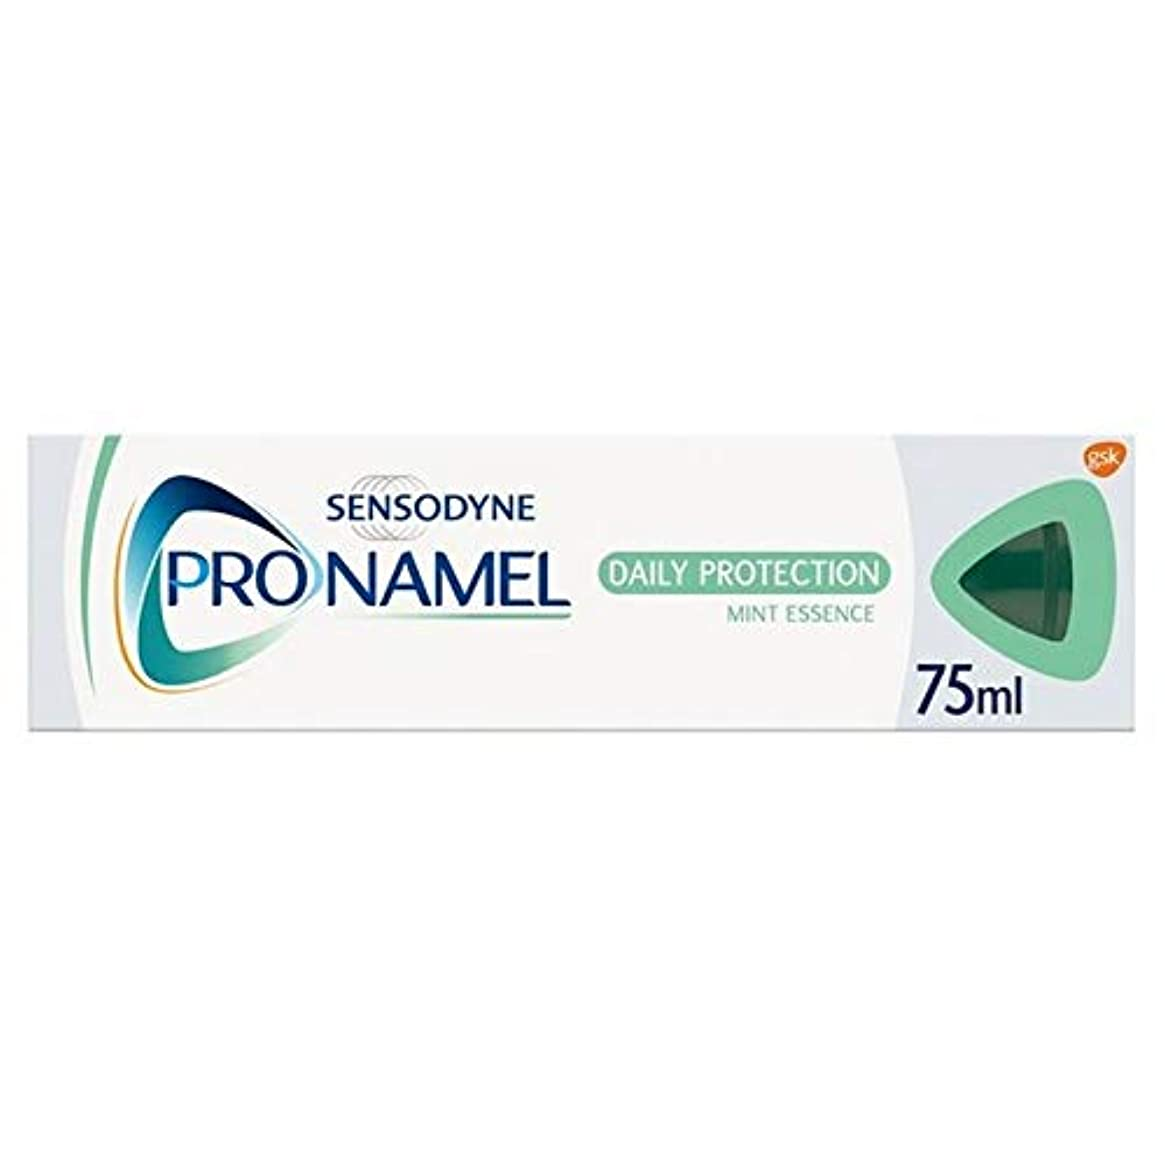 深い一貫性のない連鎖[Sensodyne] SensodyneのPronamel毎日保護エナメルケア歯磨き粉75ミリリットル - Sensodyne Pronamel Daily Protection Enamel Care Toothpaste...